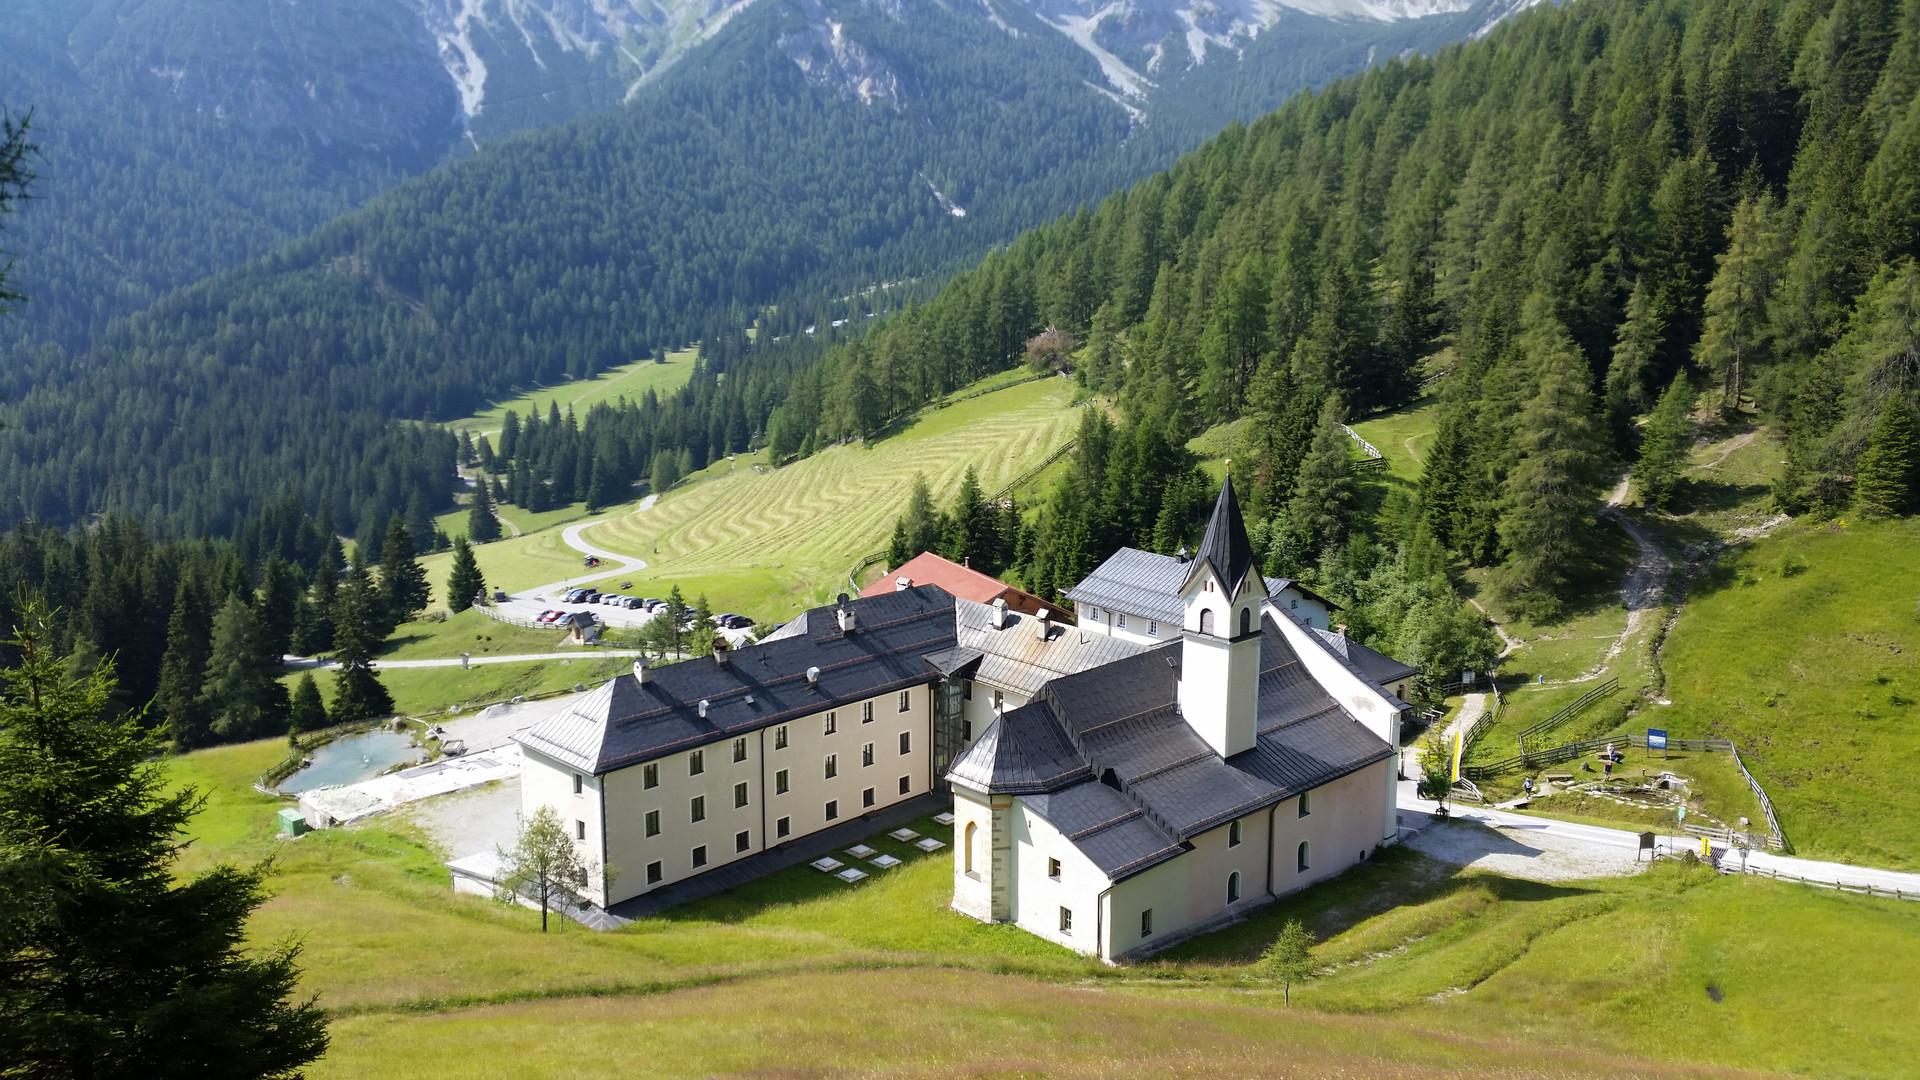 Kloster Maria Waldrast am Fuße der Serles